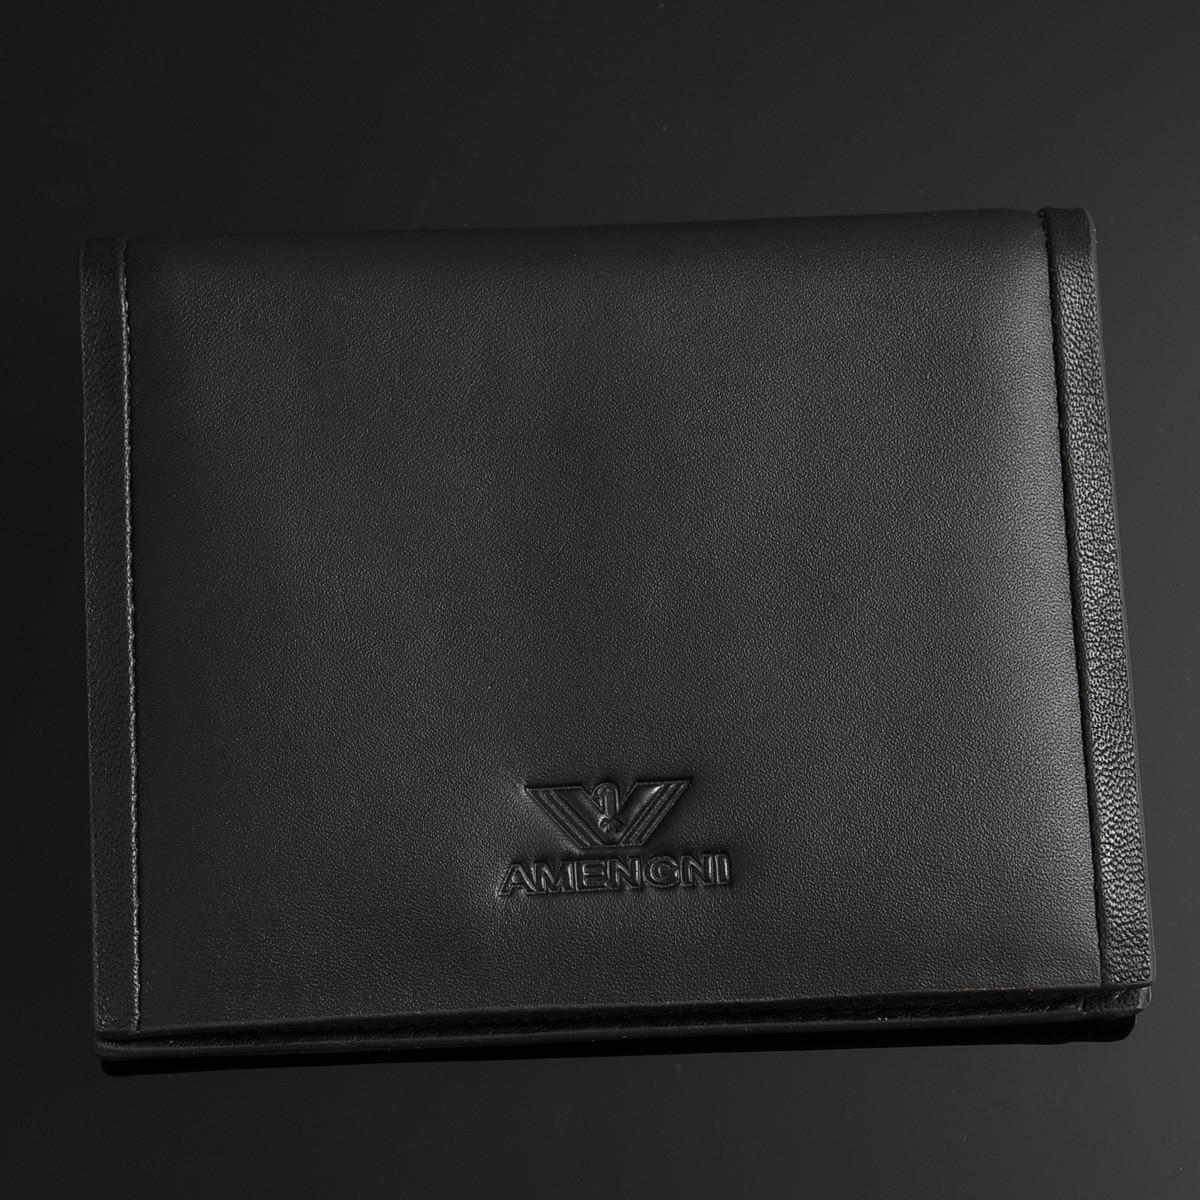 dfs阿玛尼新款钱包男士阿玛尼钱夹纯色竖款方形牛皮包